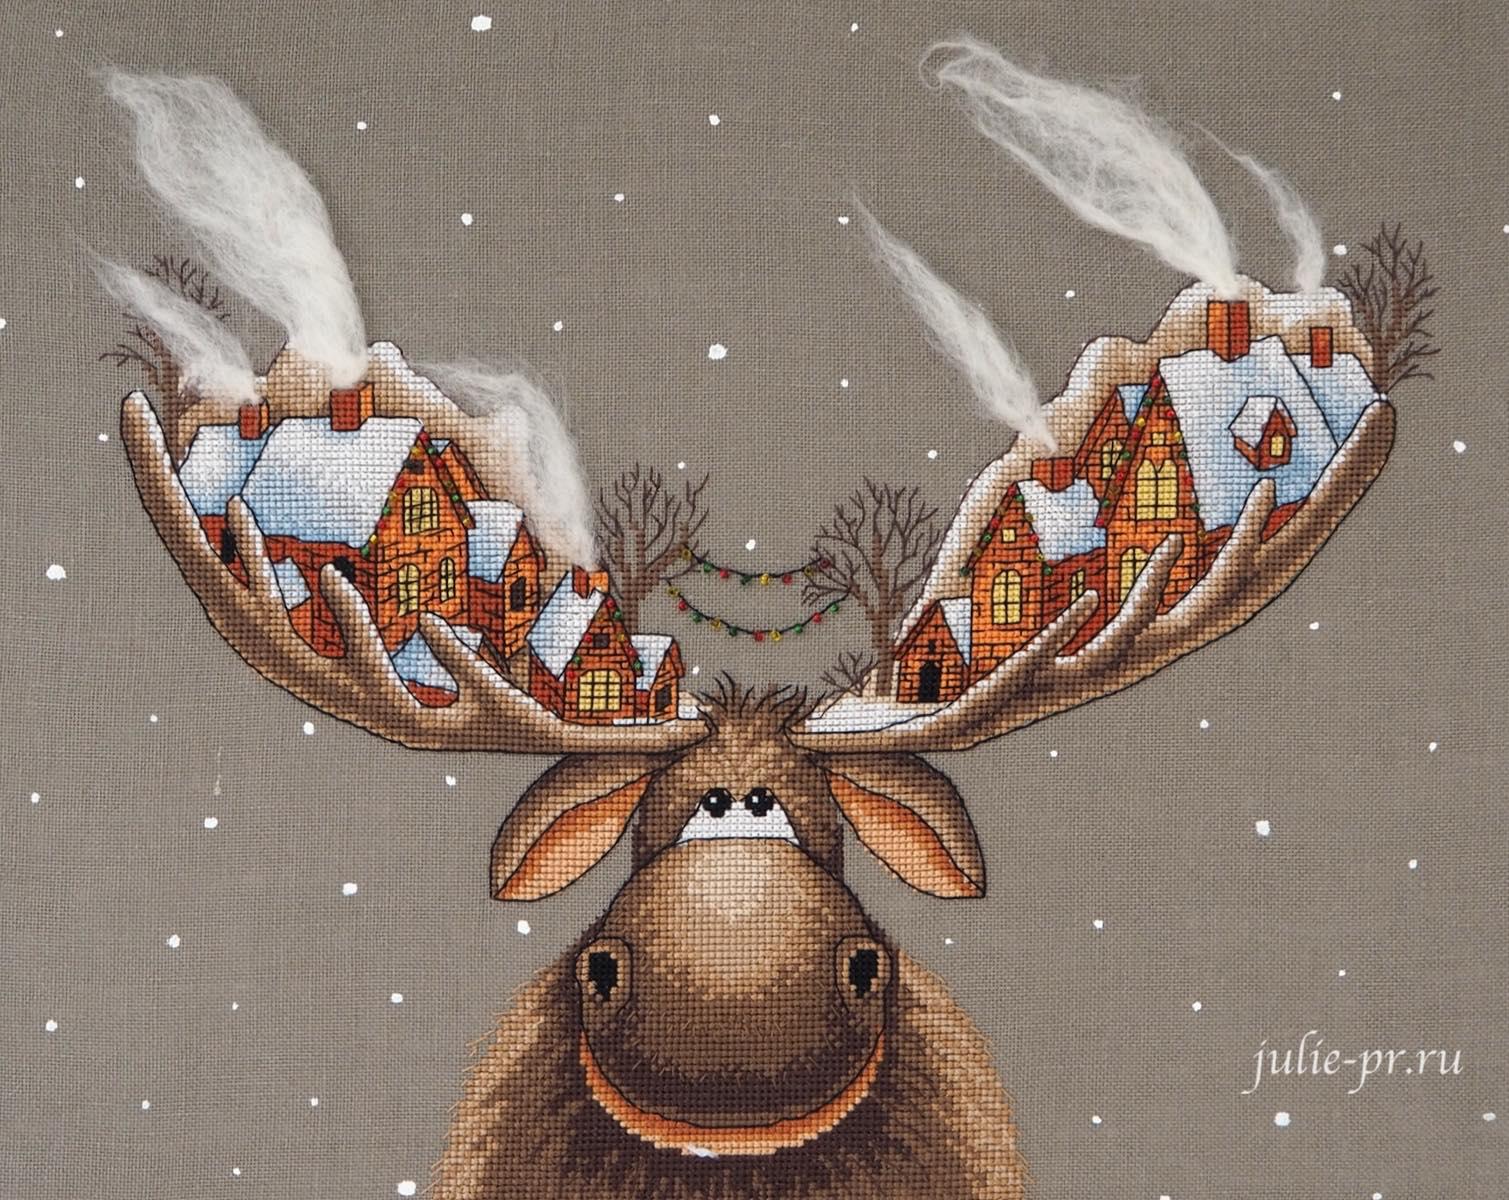 Panna, Рождественский лось, вышивка крестом, панна